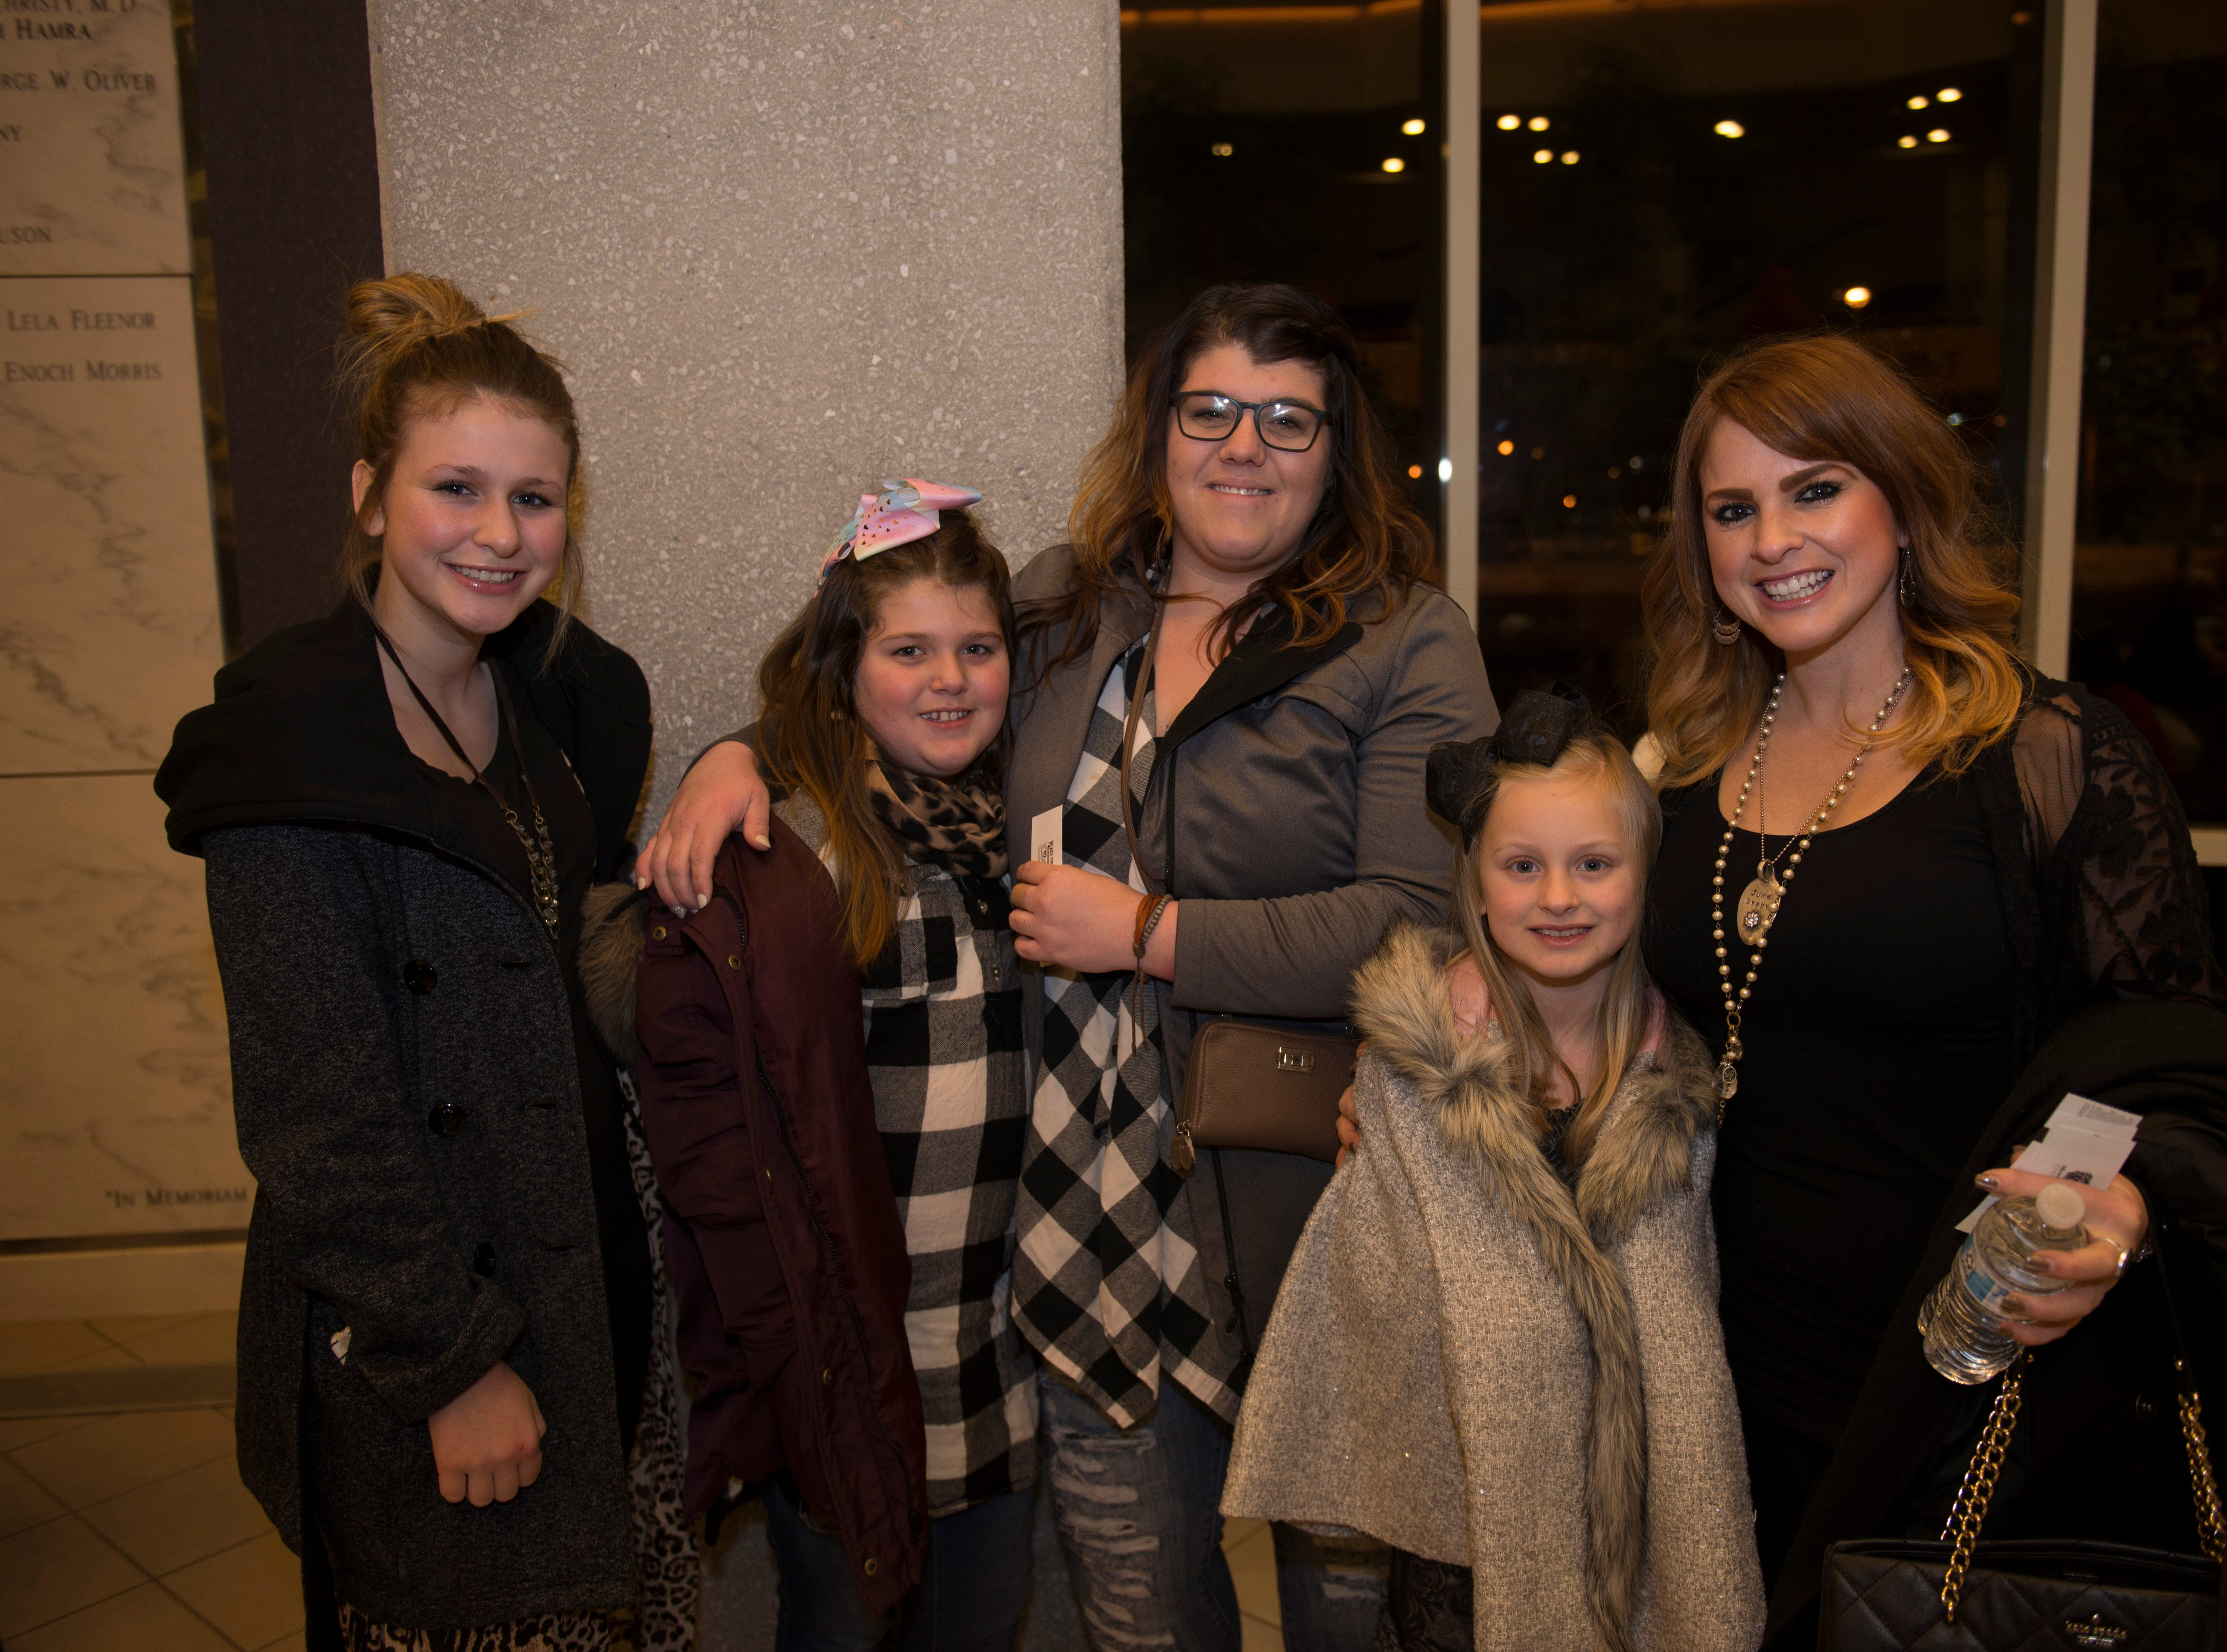 Andrea, Charlie, Courtney, Kayti, Ally